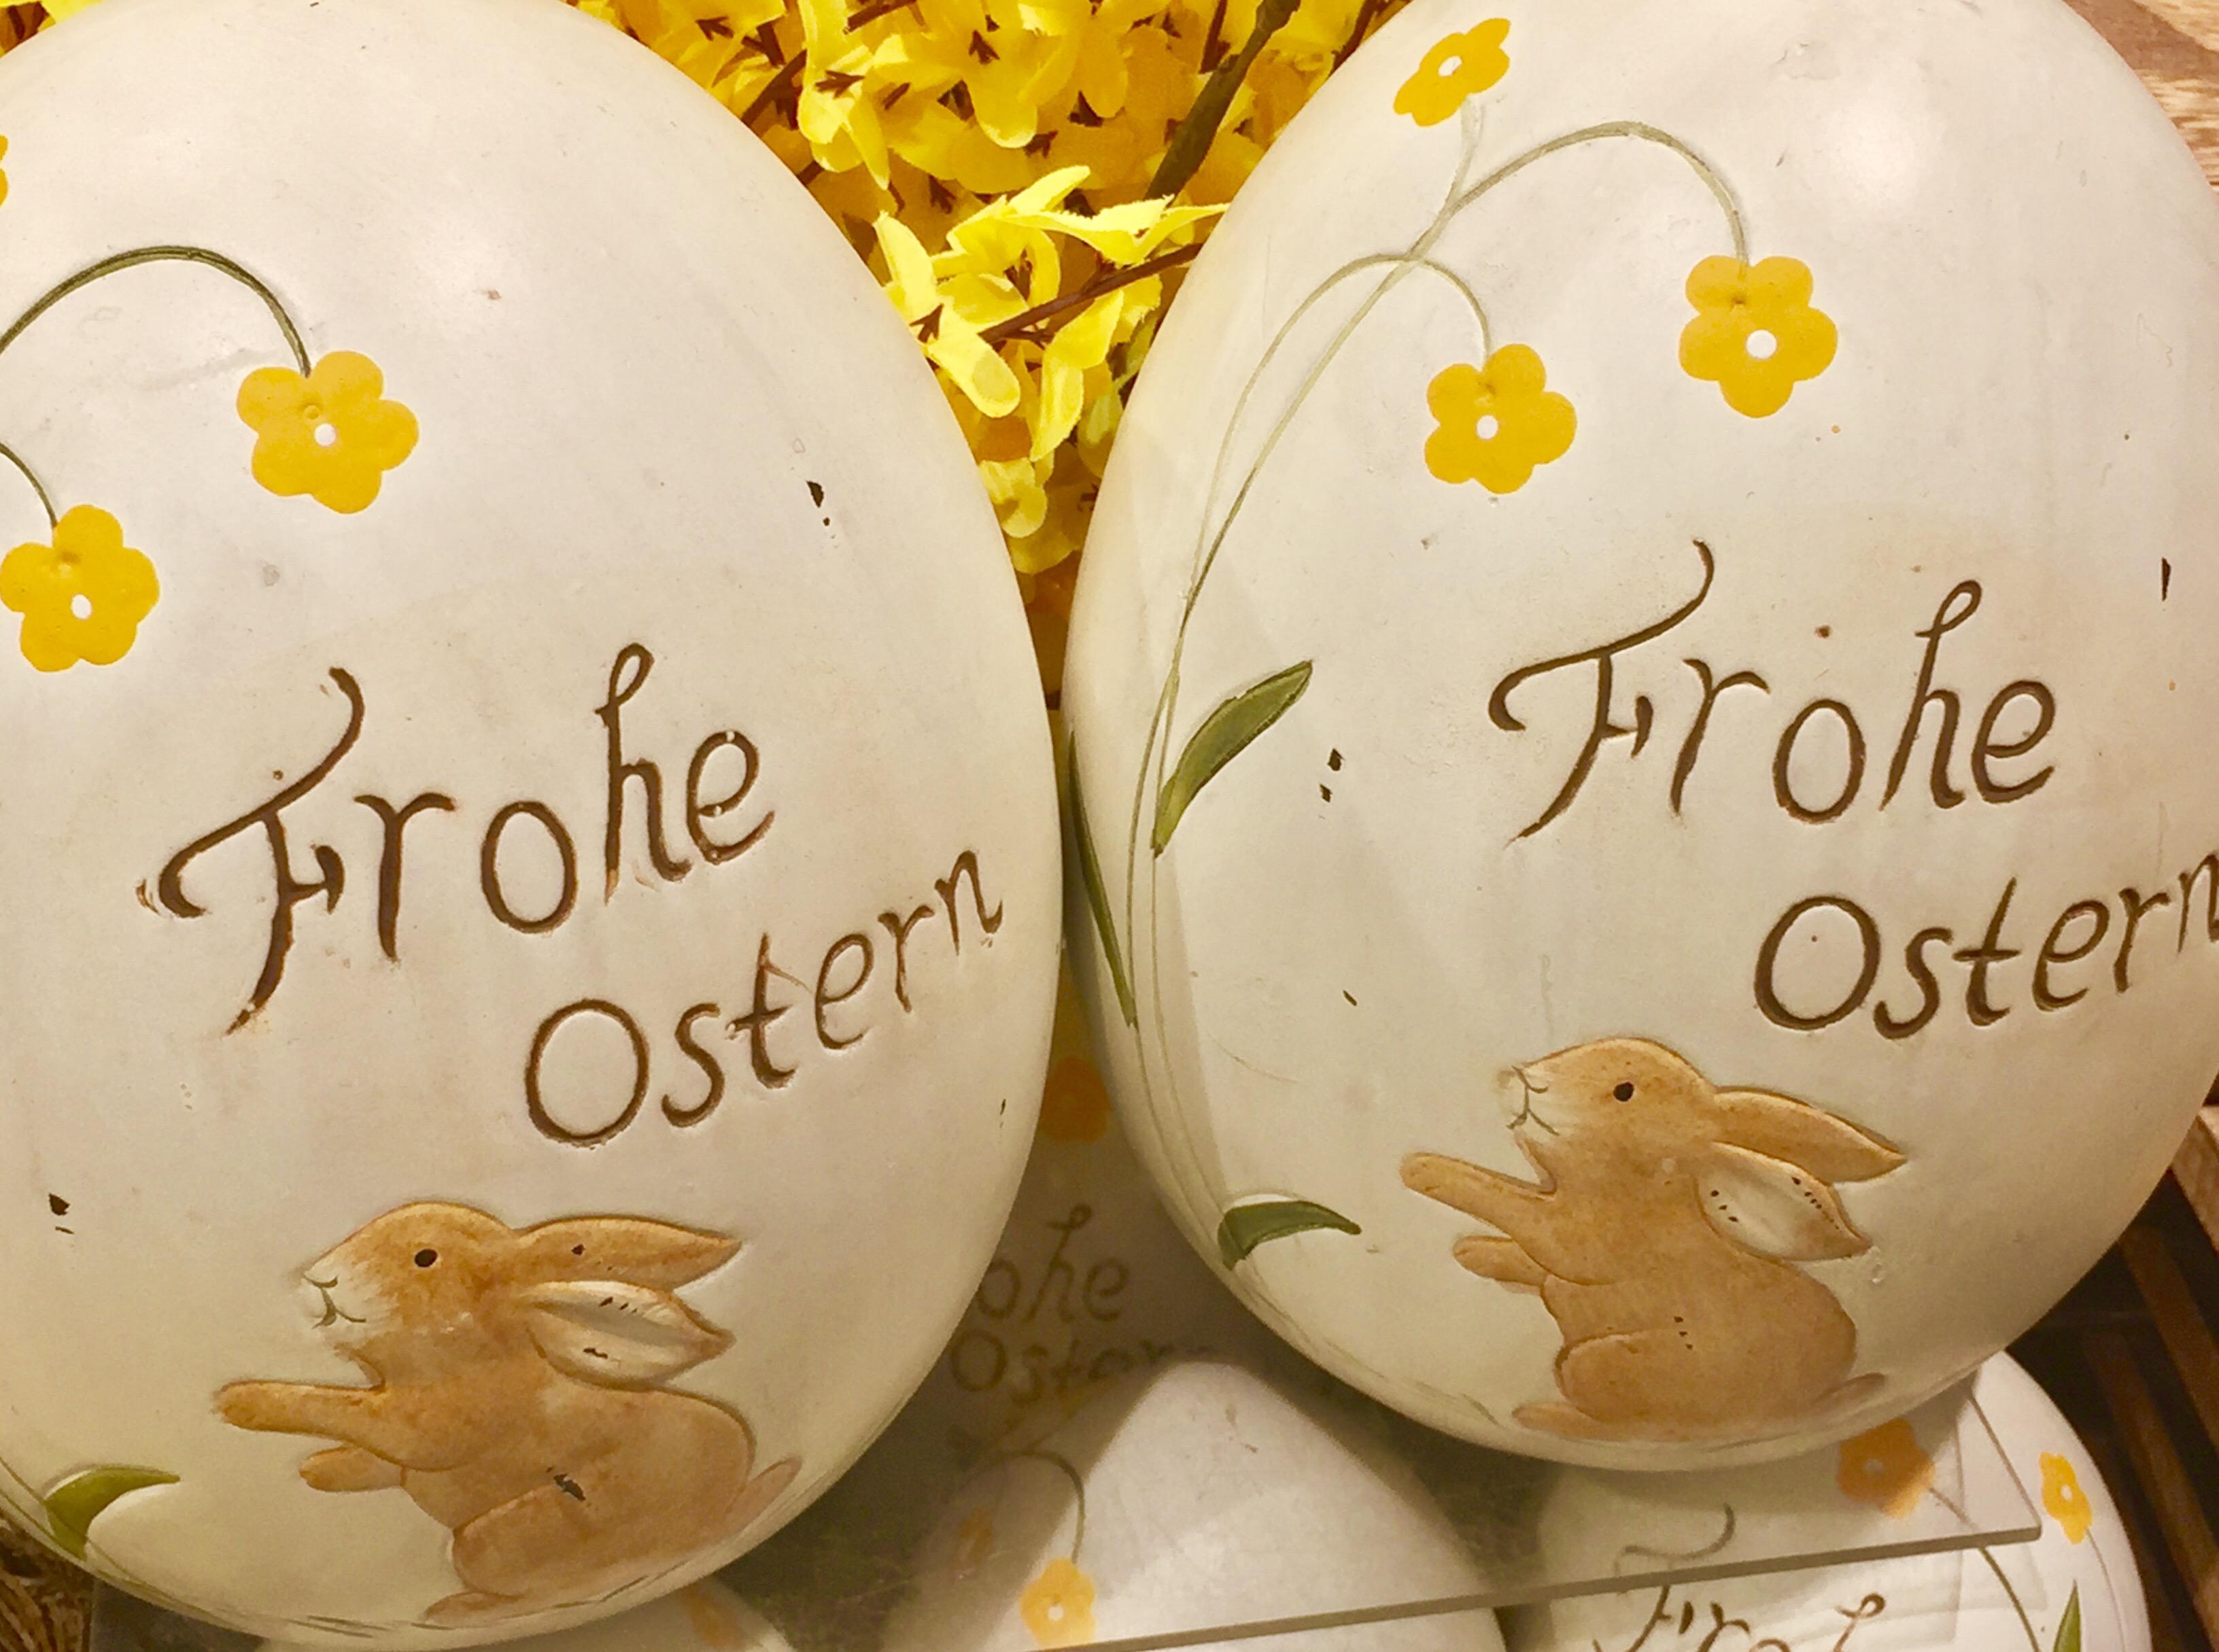 Frohe Ostern, wünscht die Agentur für Zimmervermittlung Lippstadt